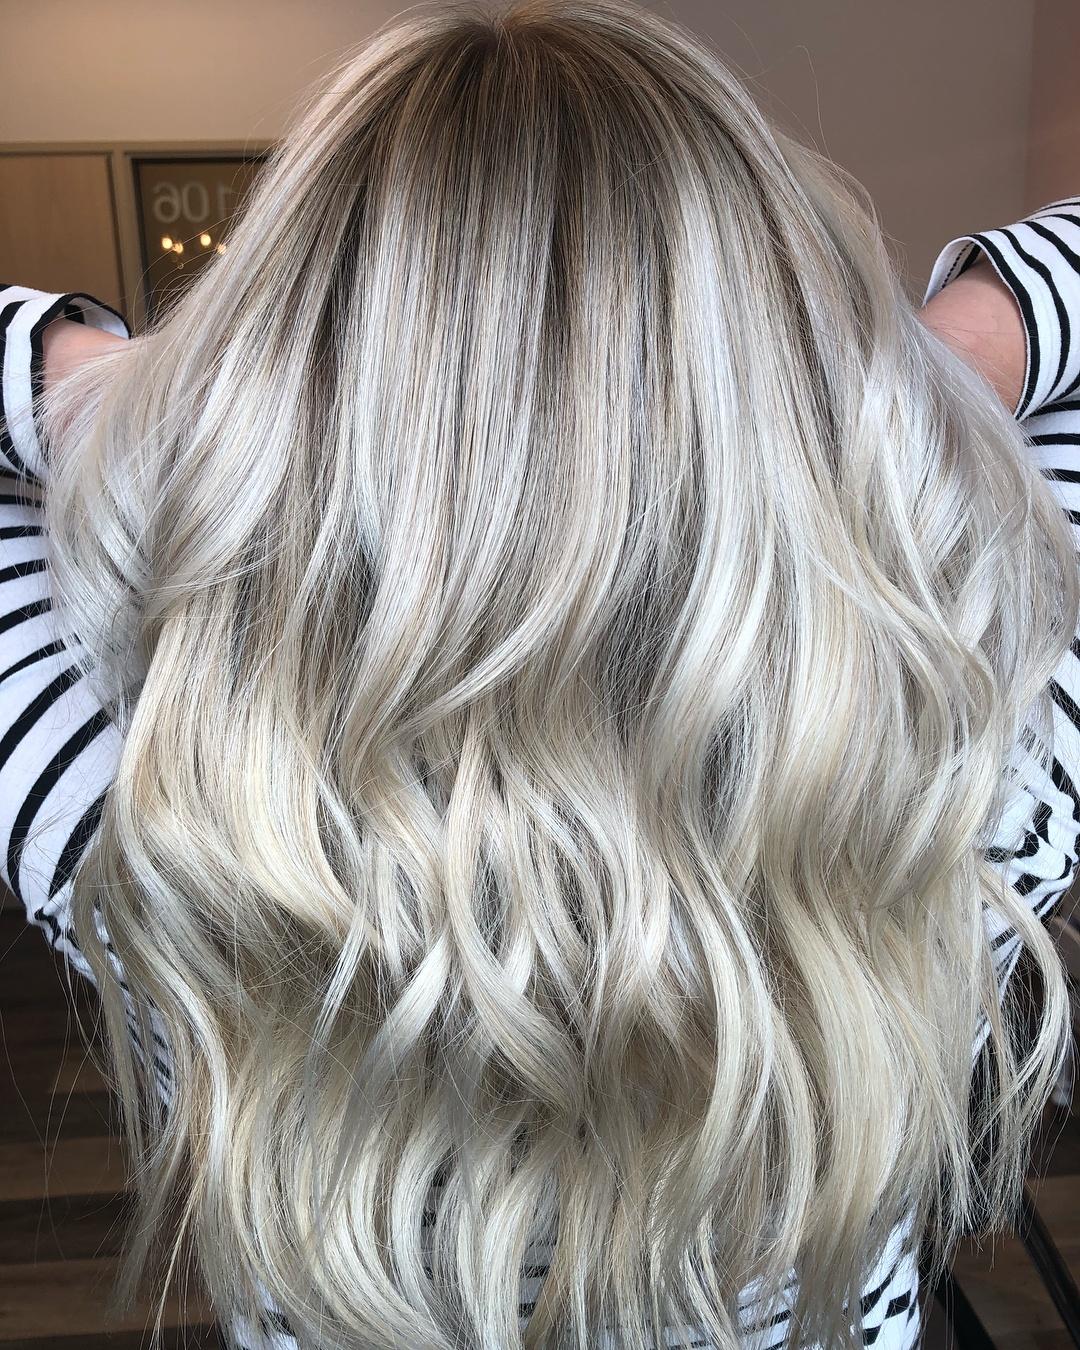 Femme aux longs cheveux ondulés et blonds perlés en balayage